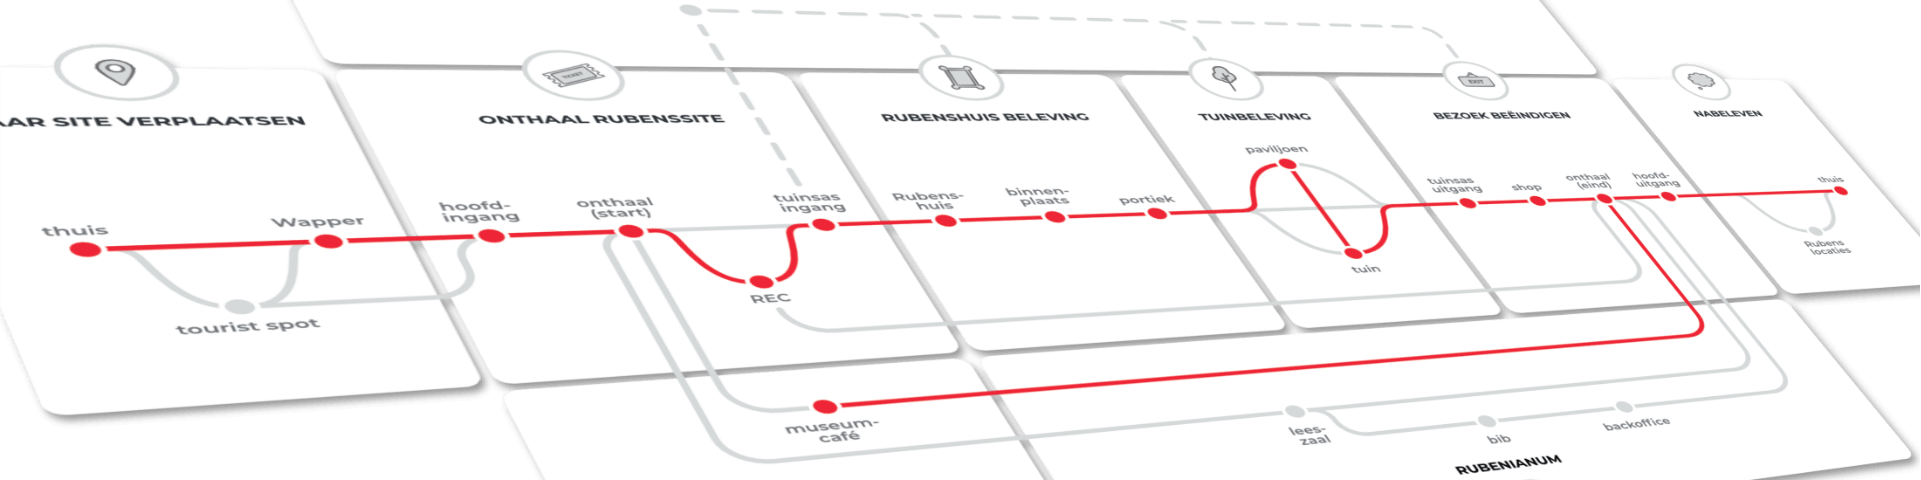 Schema van de à la carte routing. Dit is uitgewerkt op basis van de verschillende gebruikersbehoeften.